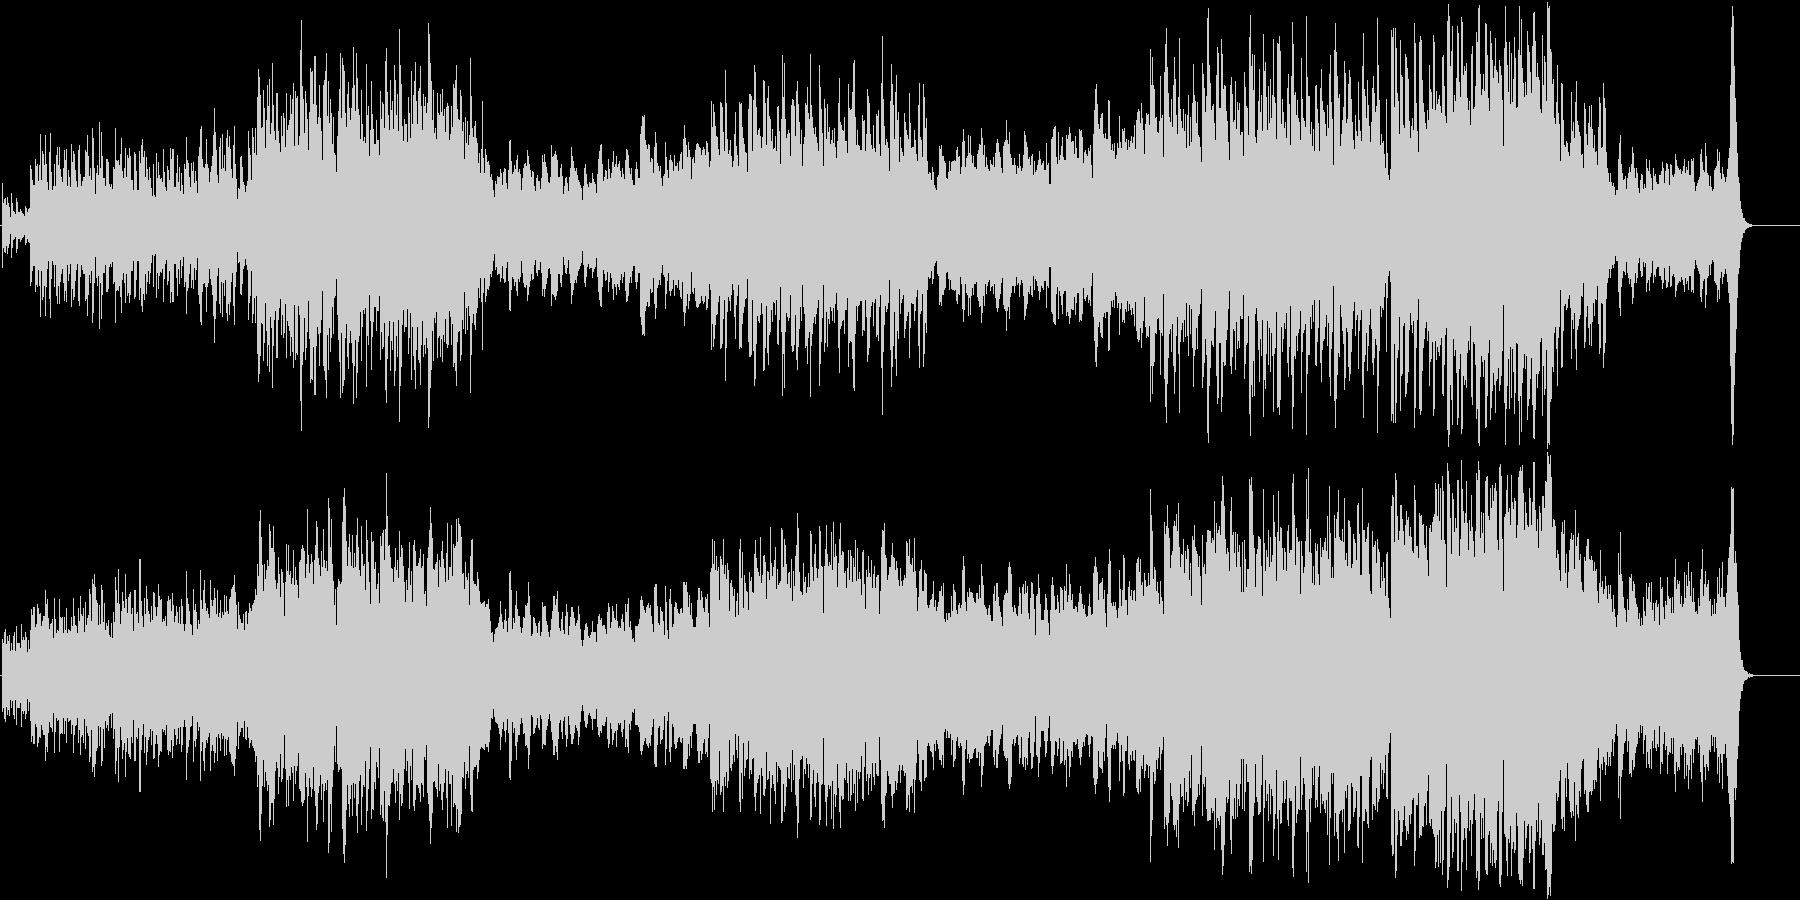 現代の交響曲 ポジティブ 明るい ...の未再生の波形